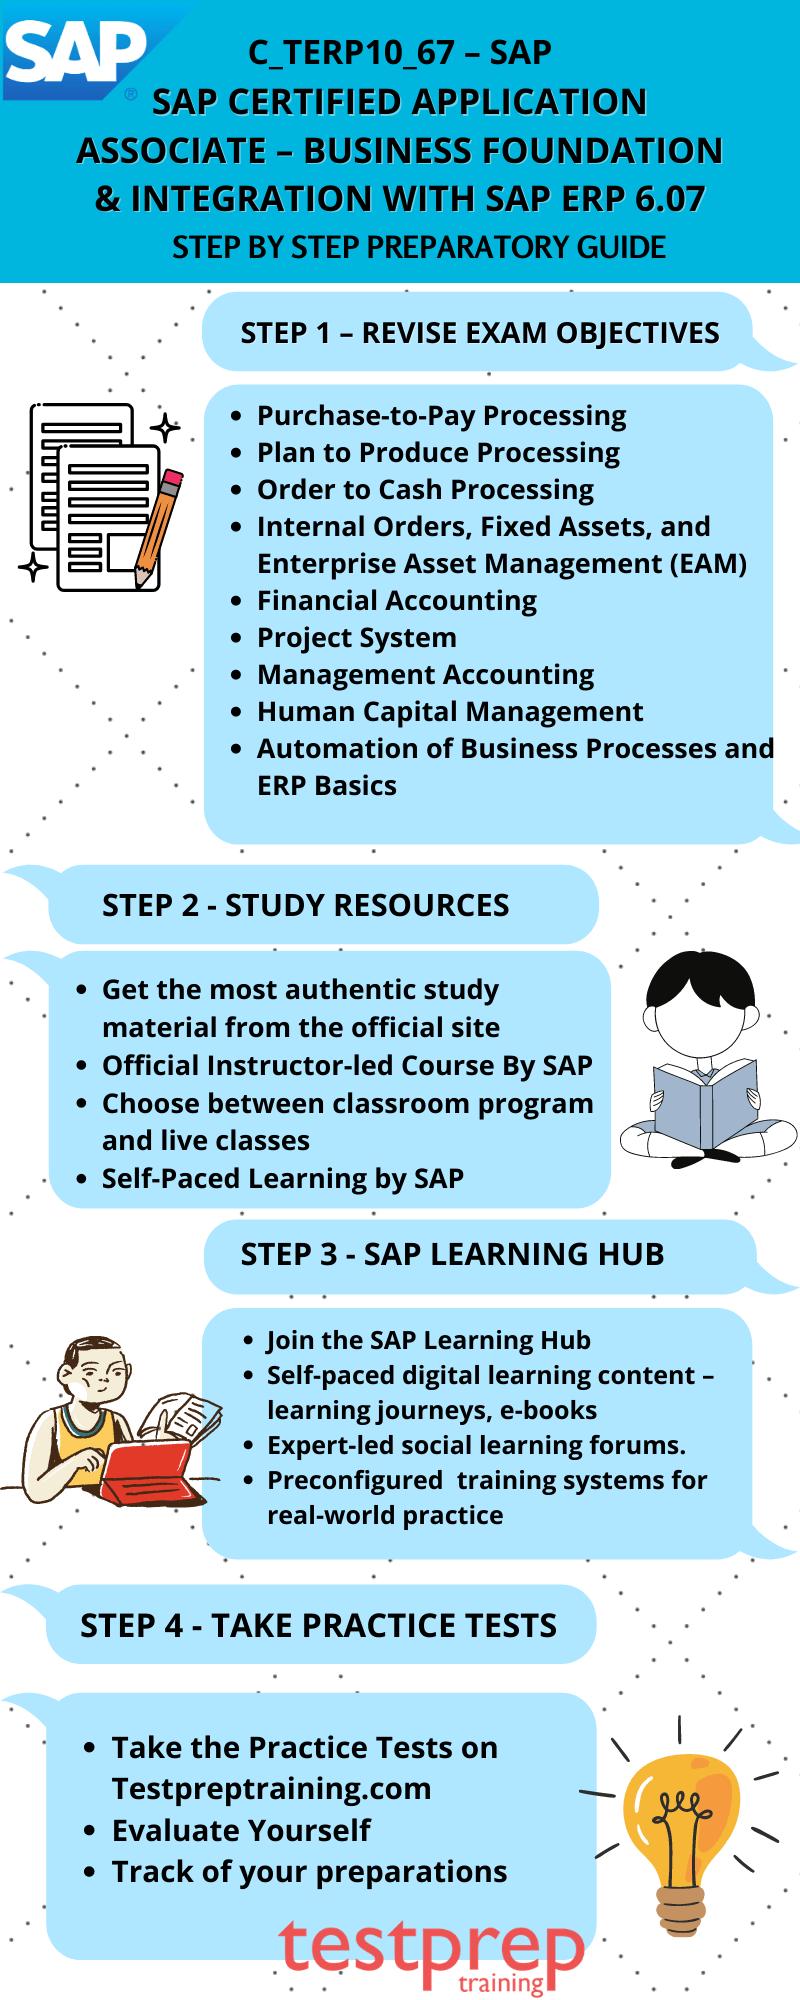 C_TERP10_67 – SAP Preparatory guide